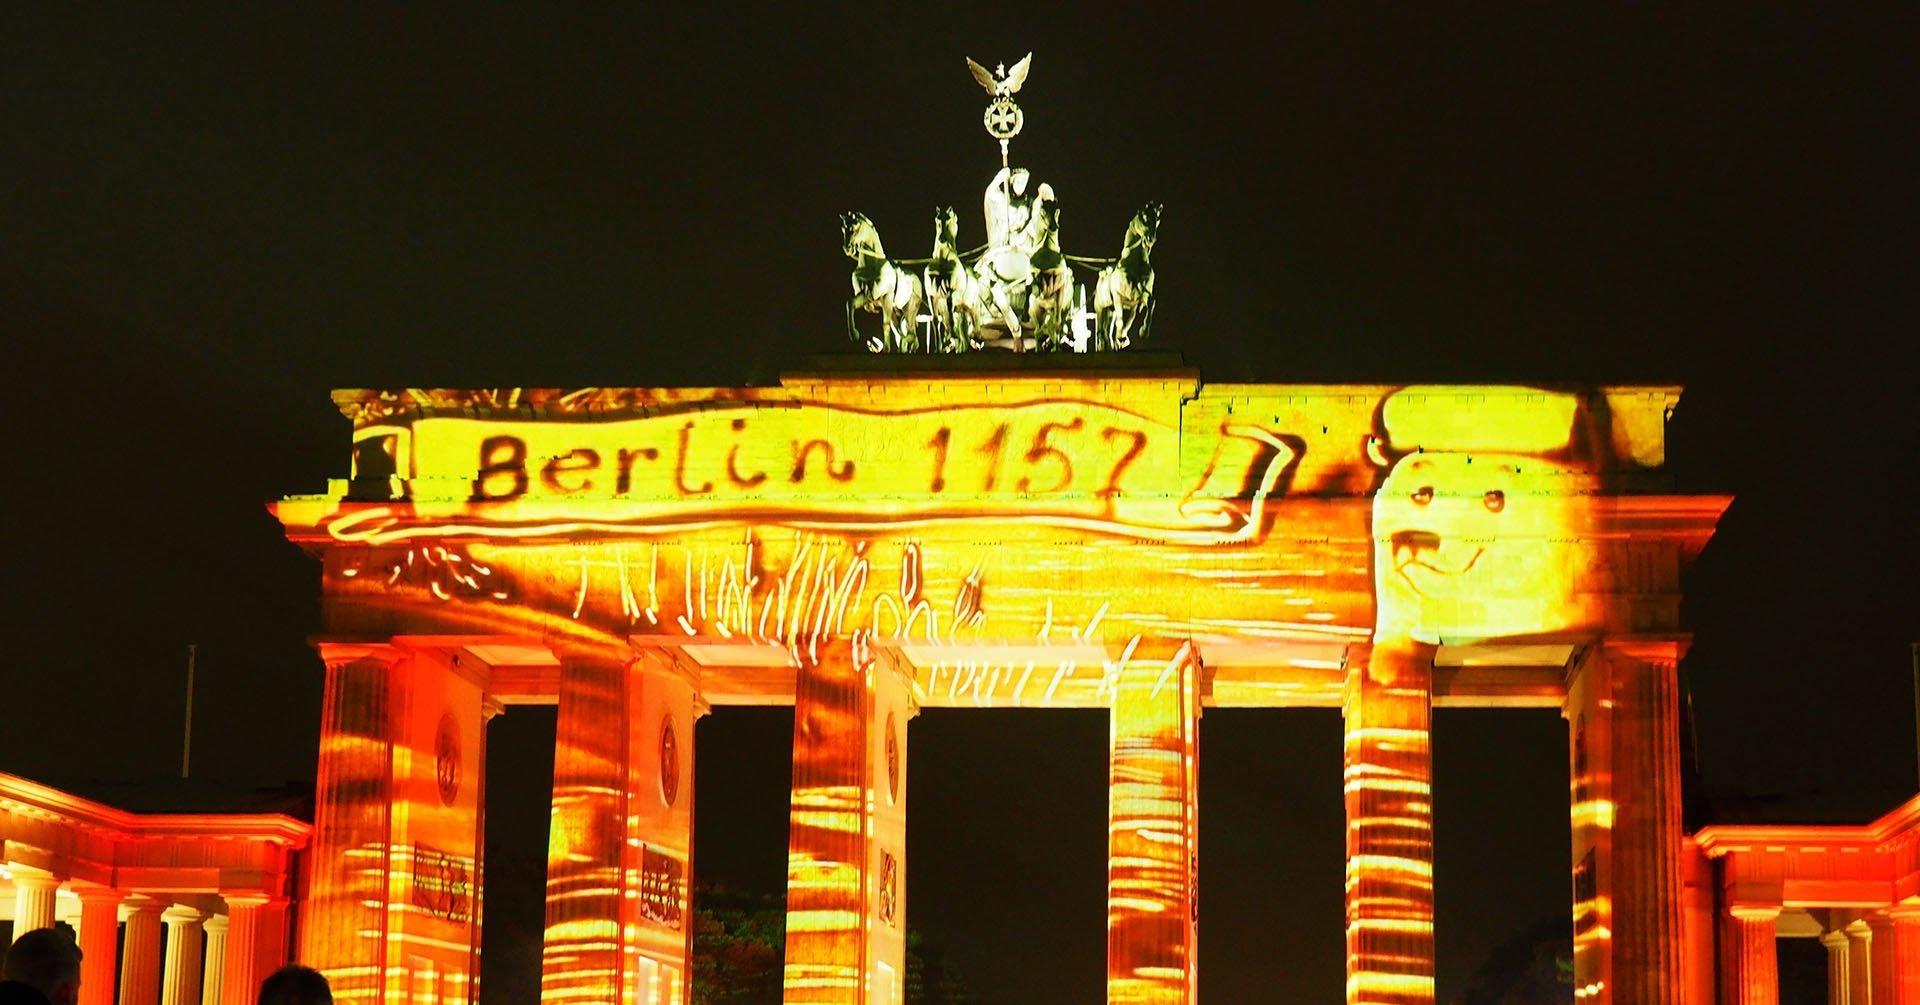 Berliner Tor in goldenen Farben zum Festival of Lights in Berlin